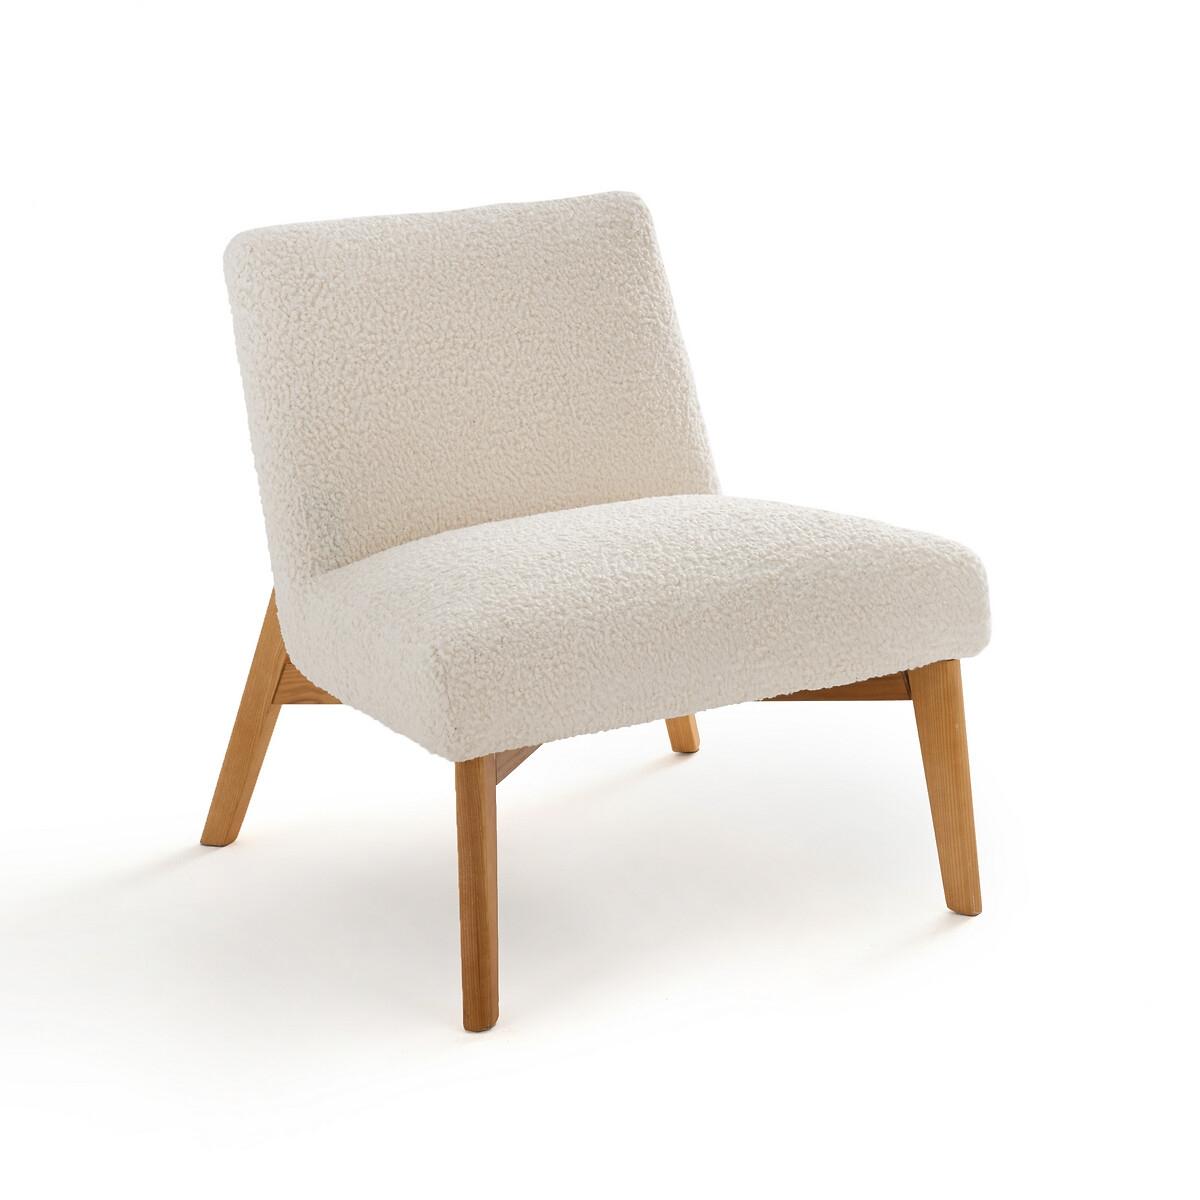 Petit fauteuil La Redoute